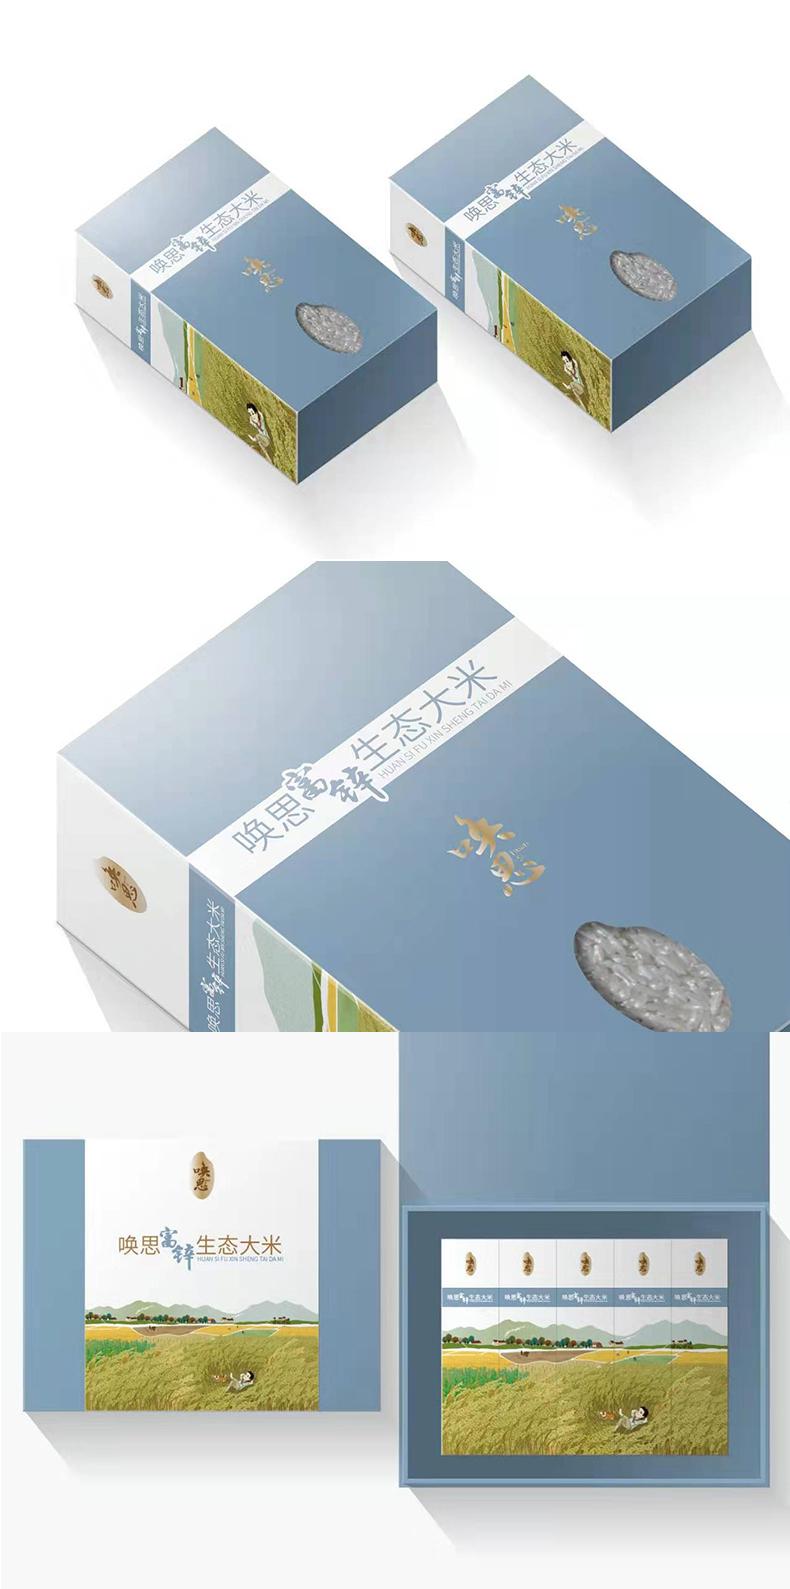 2019品牌设计案例-唤思富锌生态大米品牌设计发布及认养模式